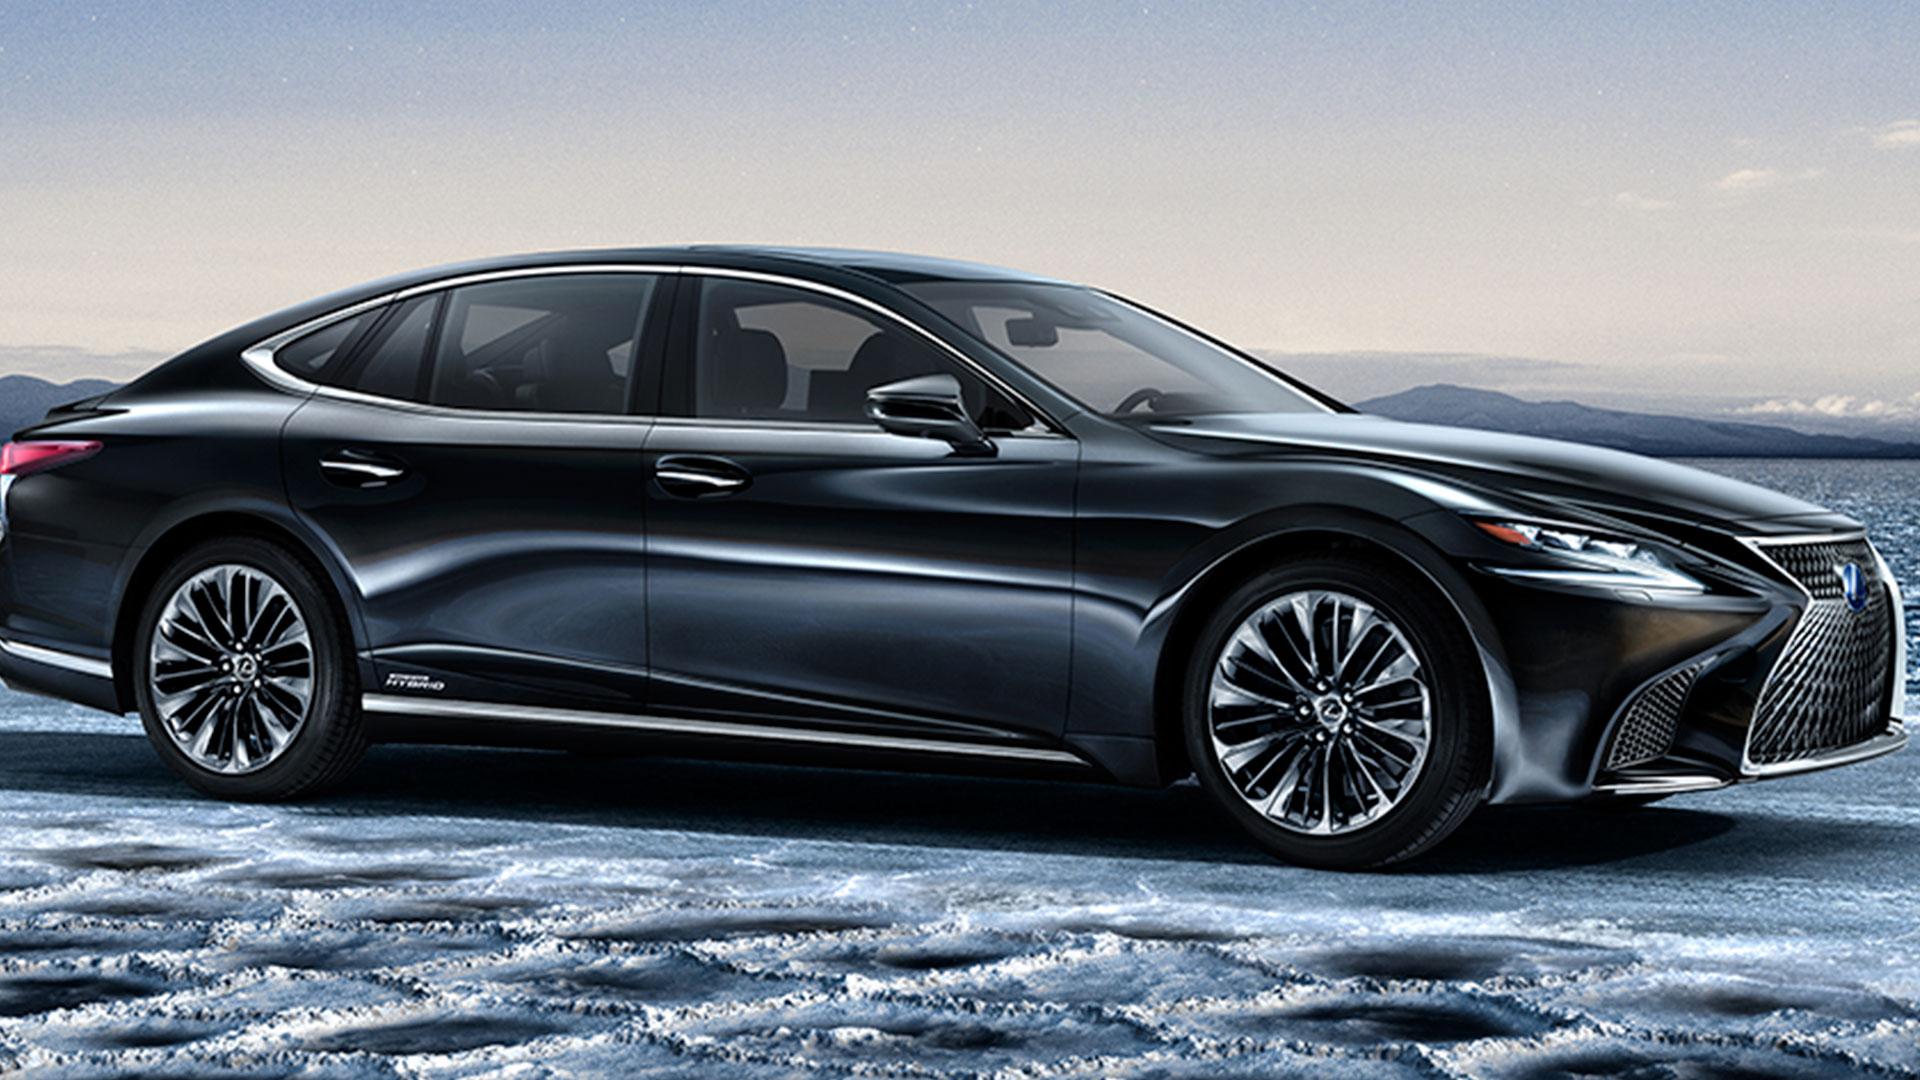 nuevo Lexus LS 500h hero asset